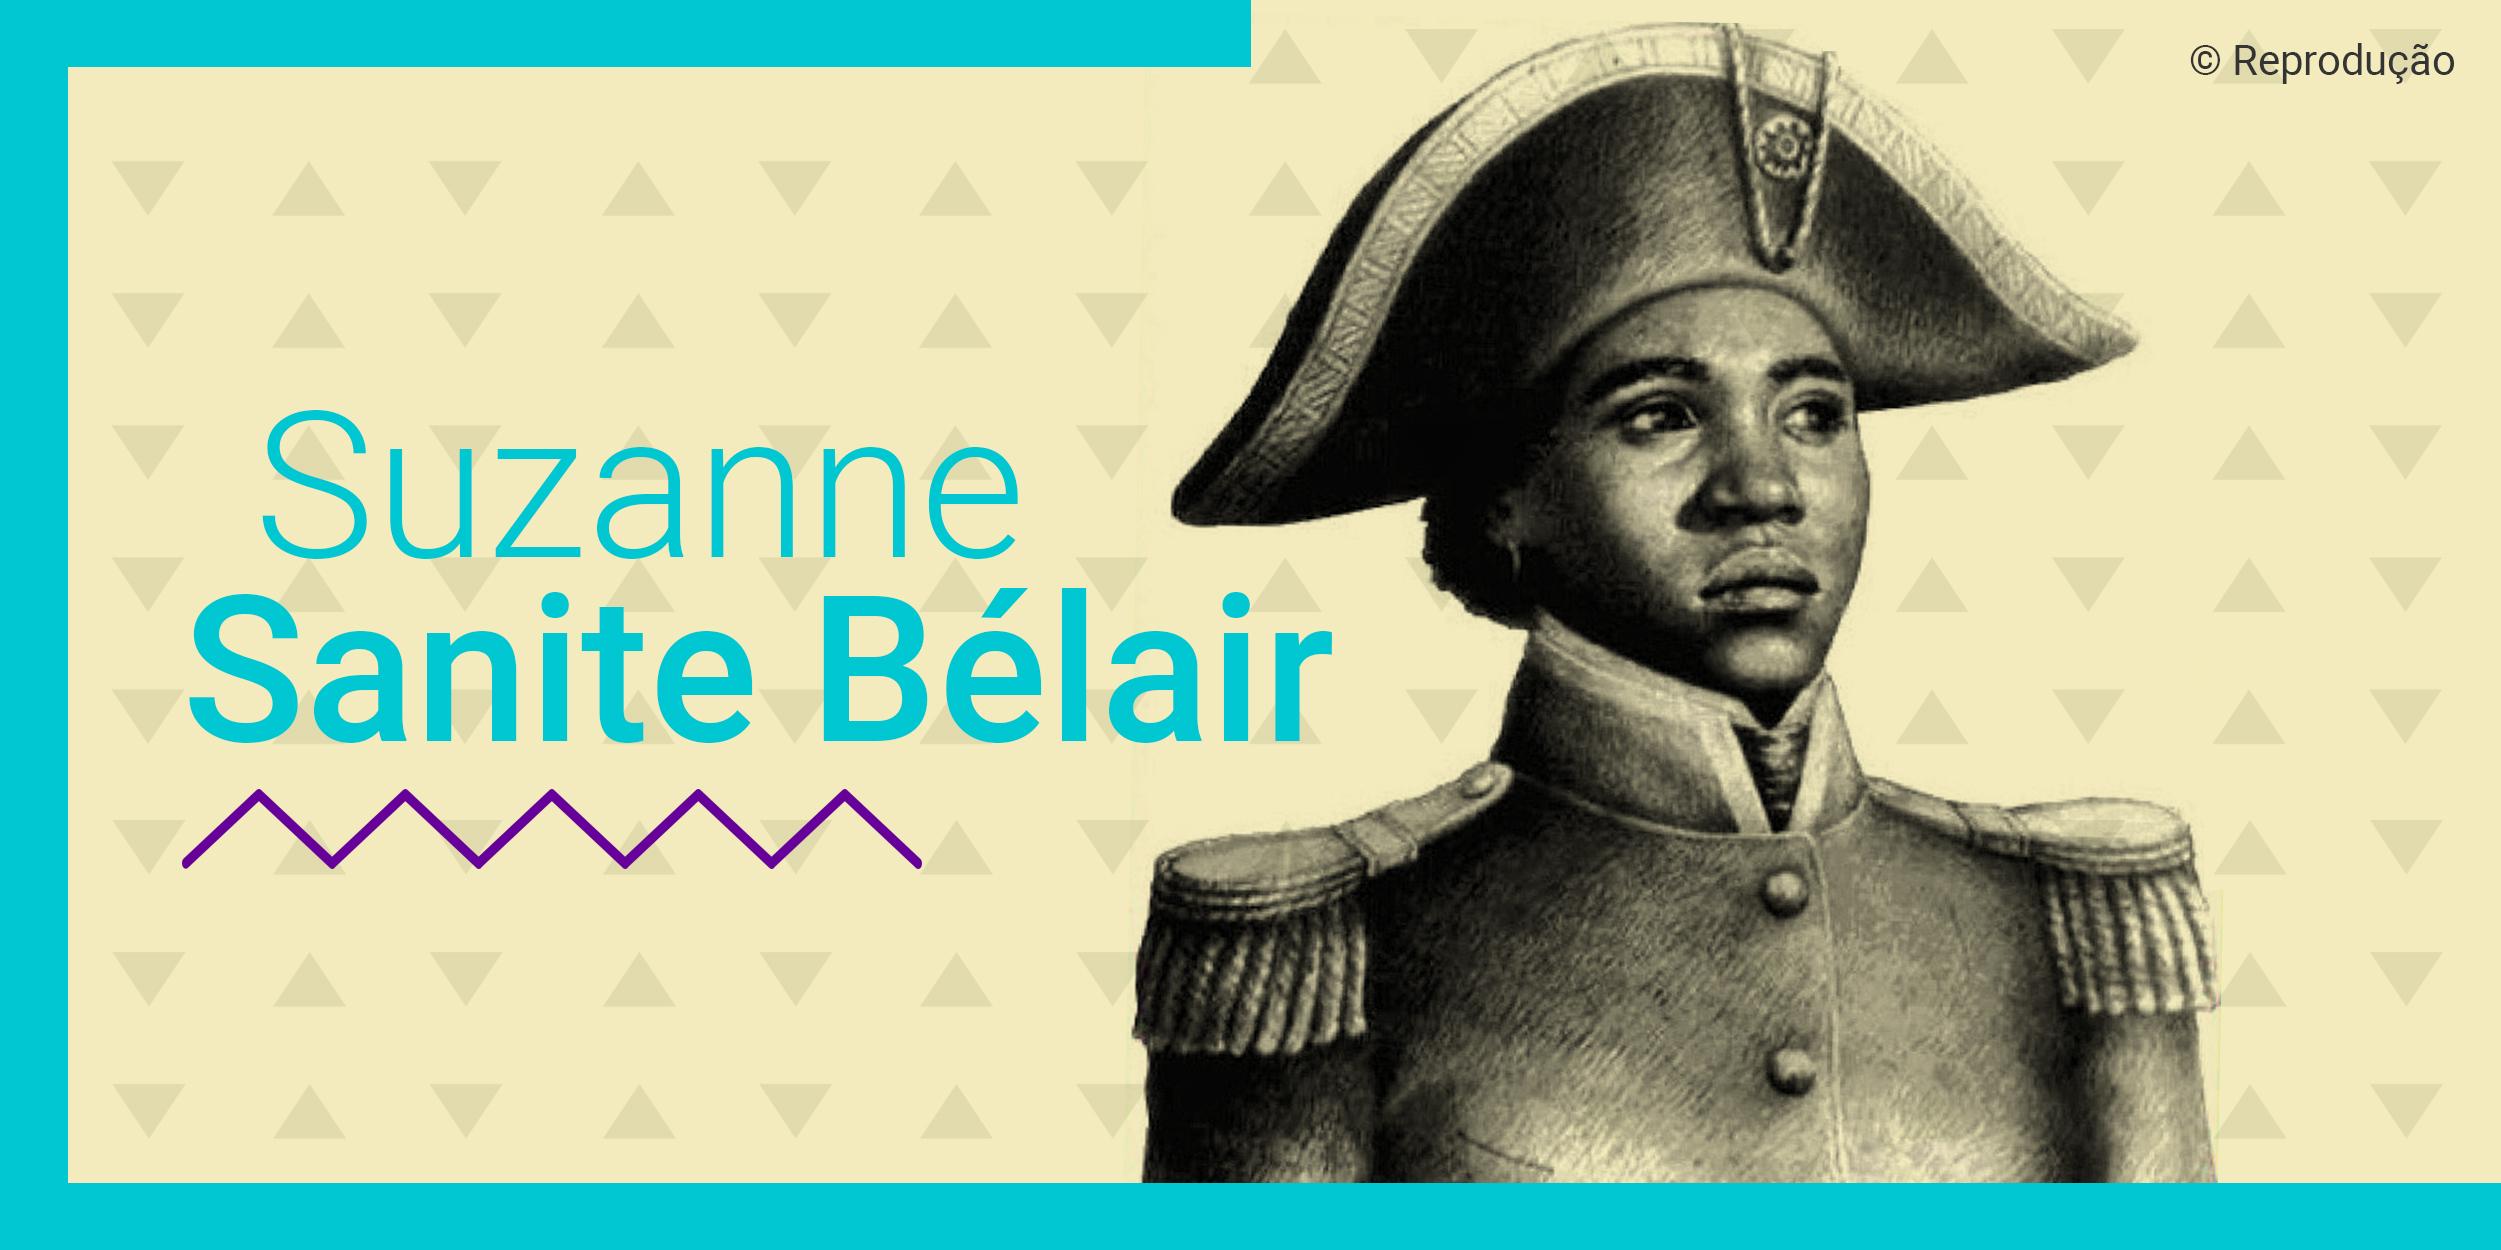 Card com uma lustração de Suzane Sanite Bélair em branco e preto